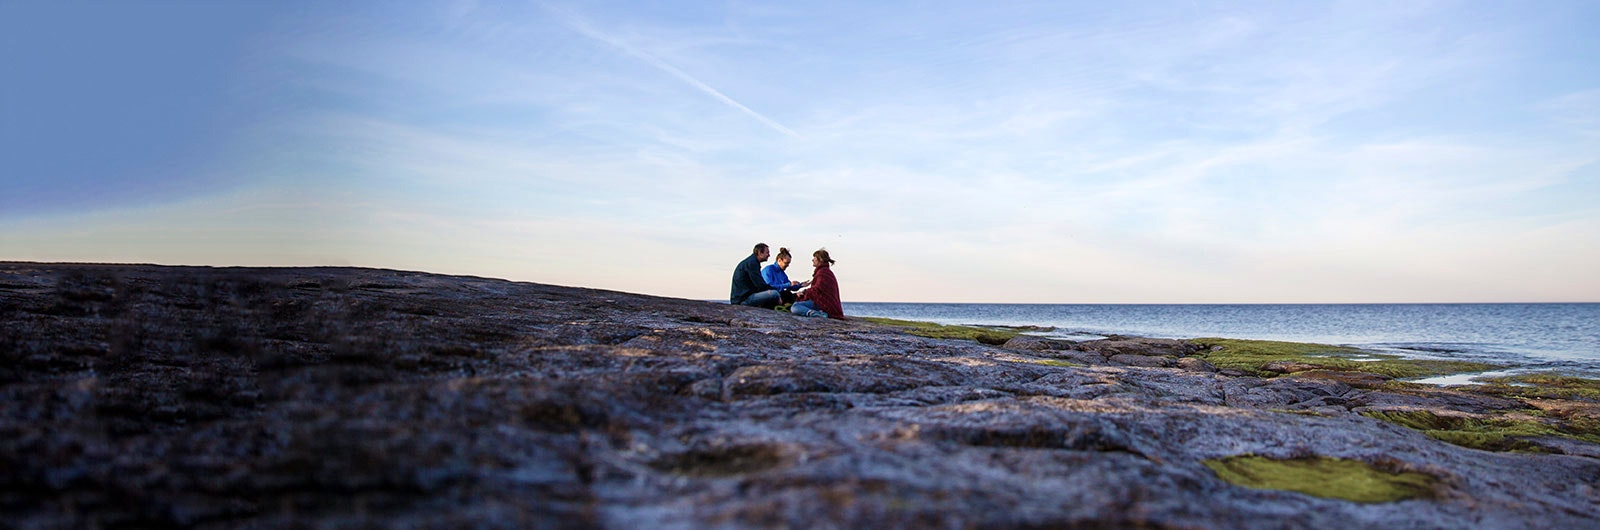 Harmonisk på en klippa i solnedgången på österlen